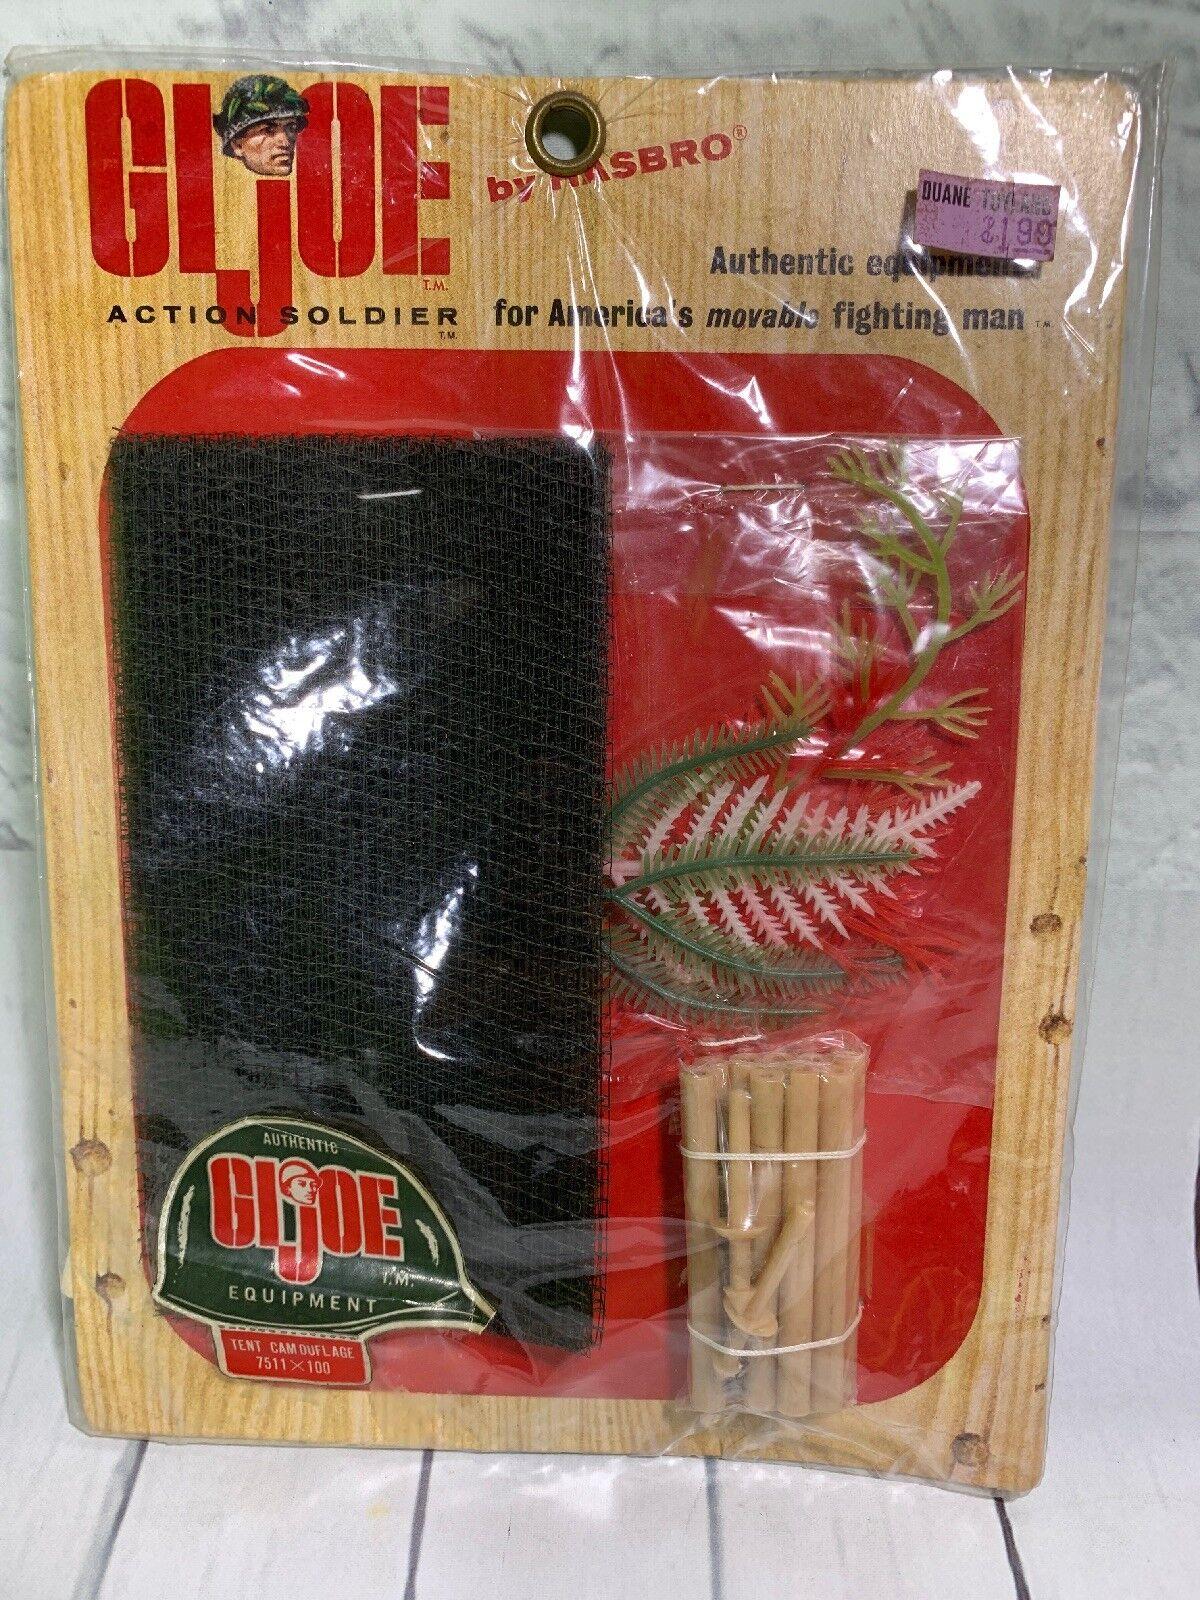 1964 Vintage  7511 Gi Joe Ejército De Tienda de Campaña Camuflaje Soldado de acción 12  escala 1 6 menta en tarjeta